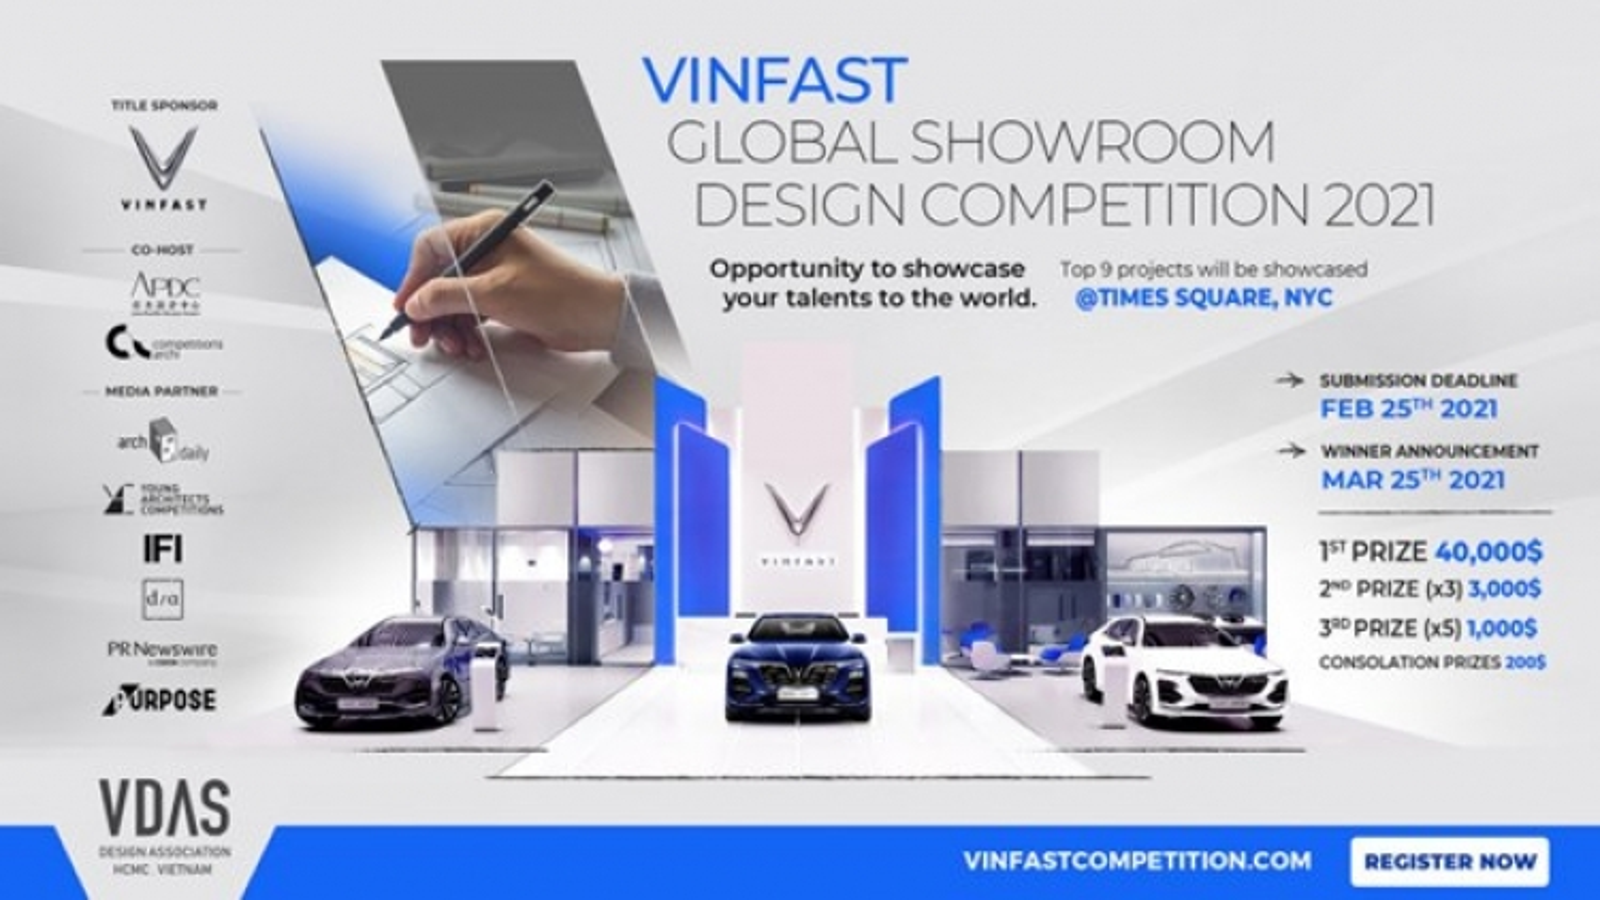 Vinfast seeks excellent designs for its global showrooms